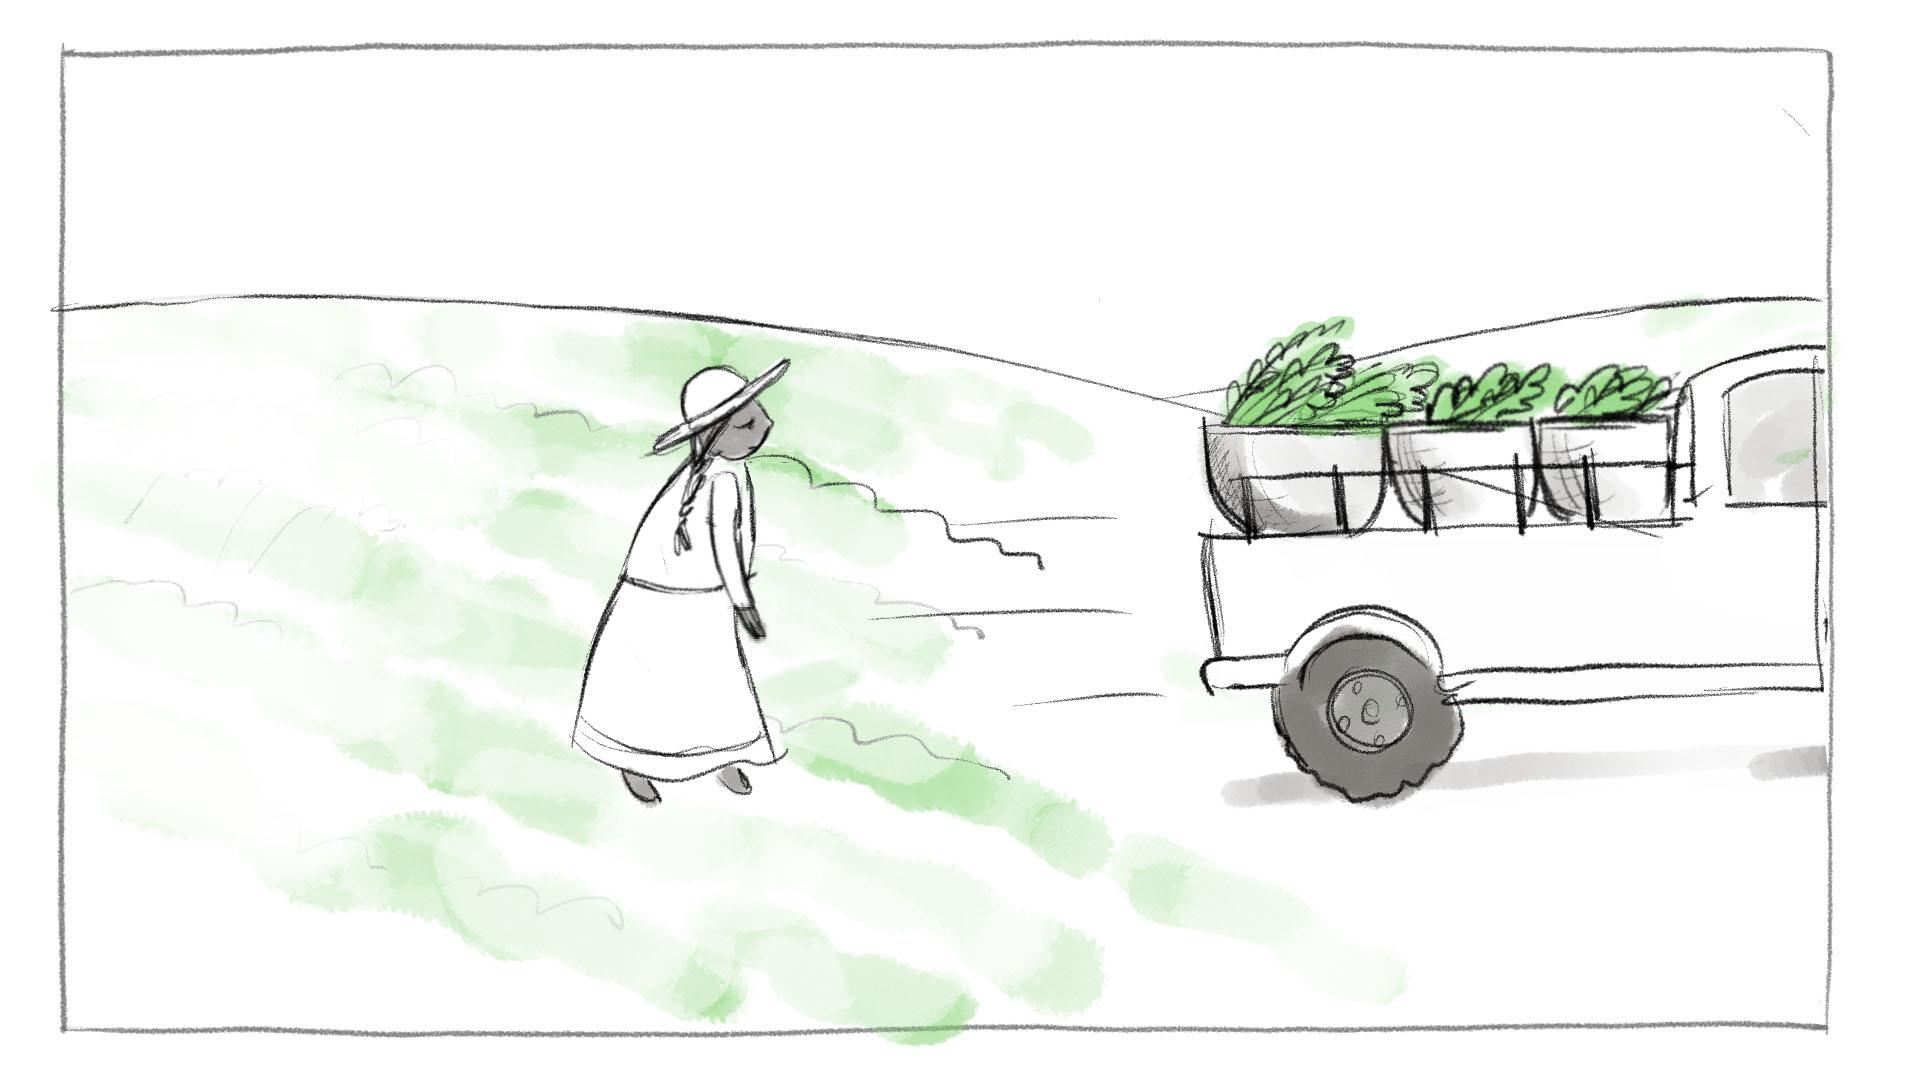 Shahidi_Storyboards_3b-2.jpg